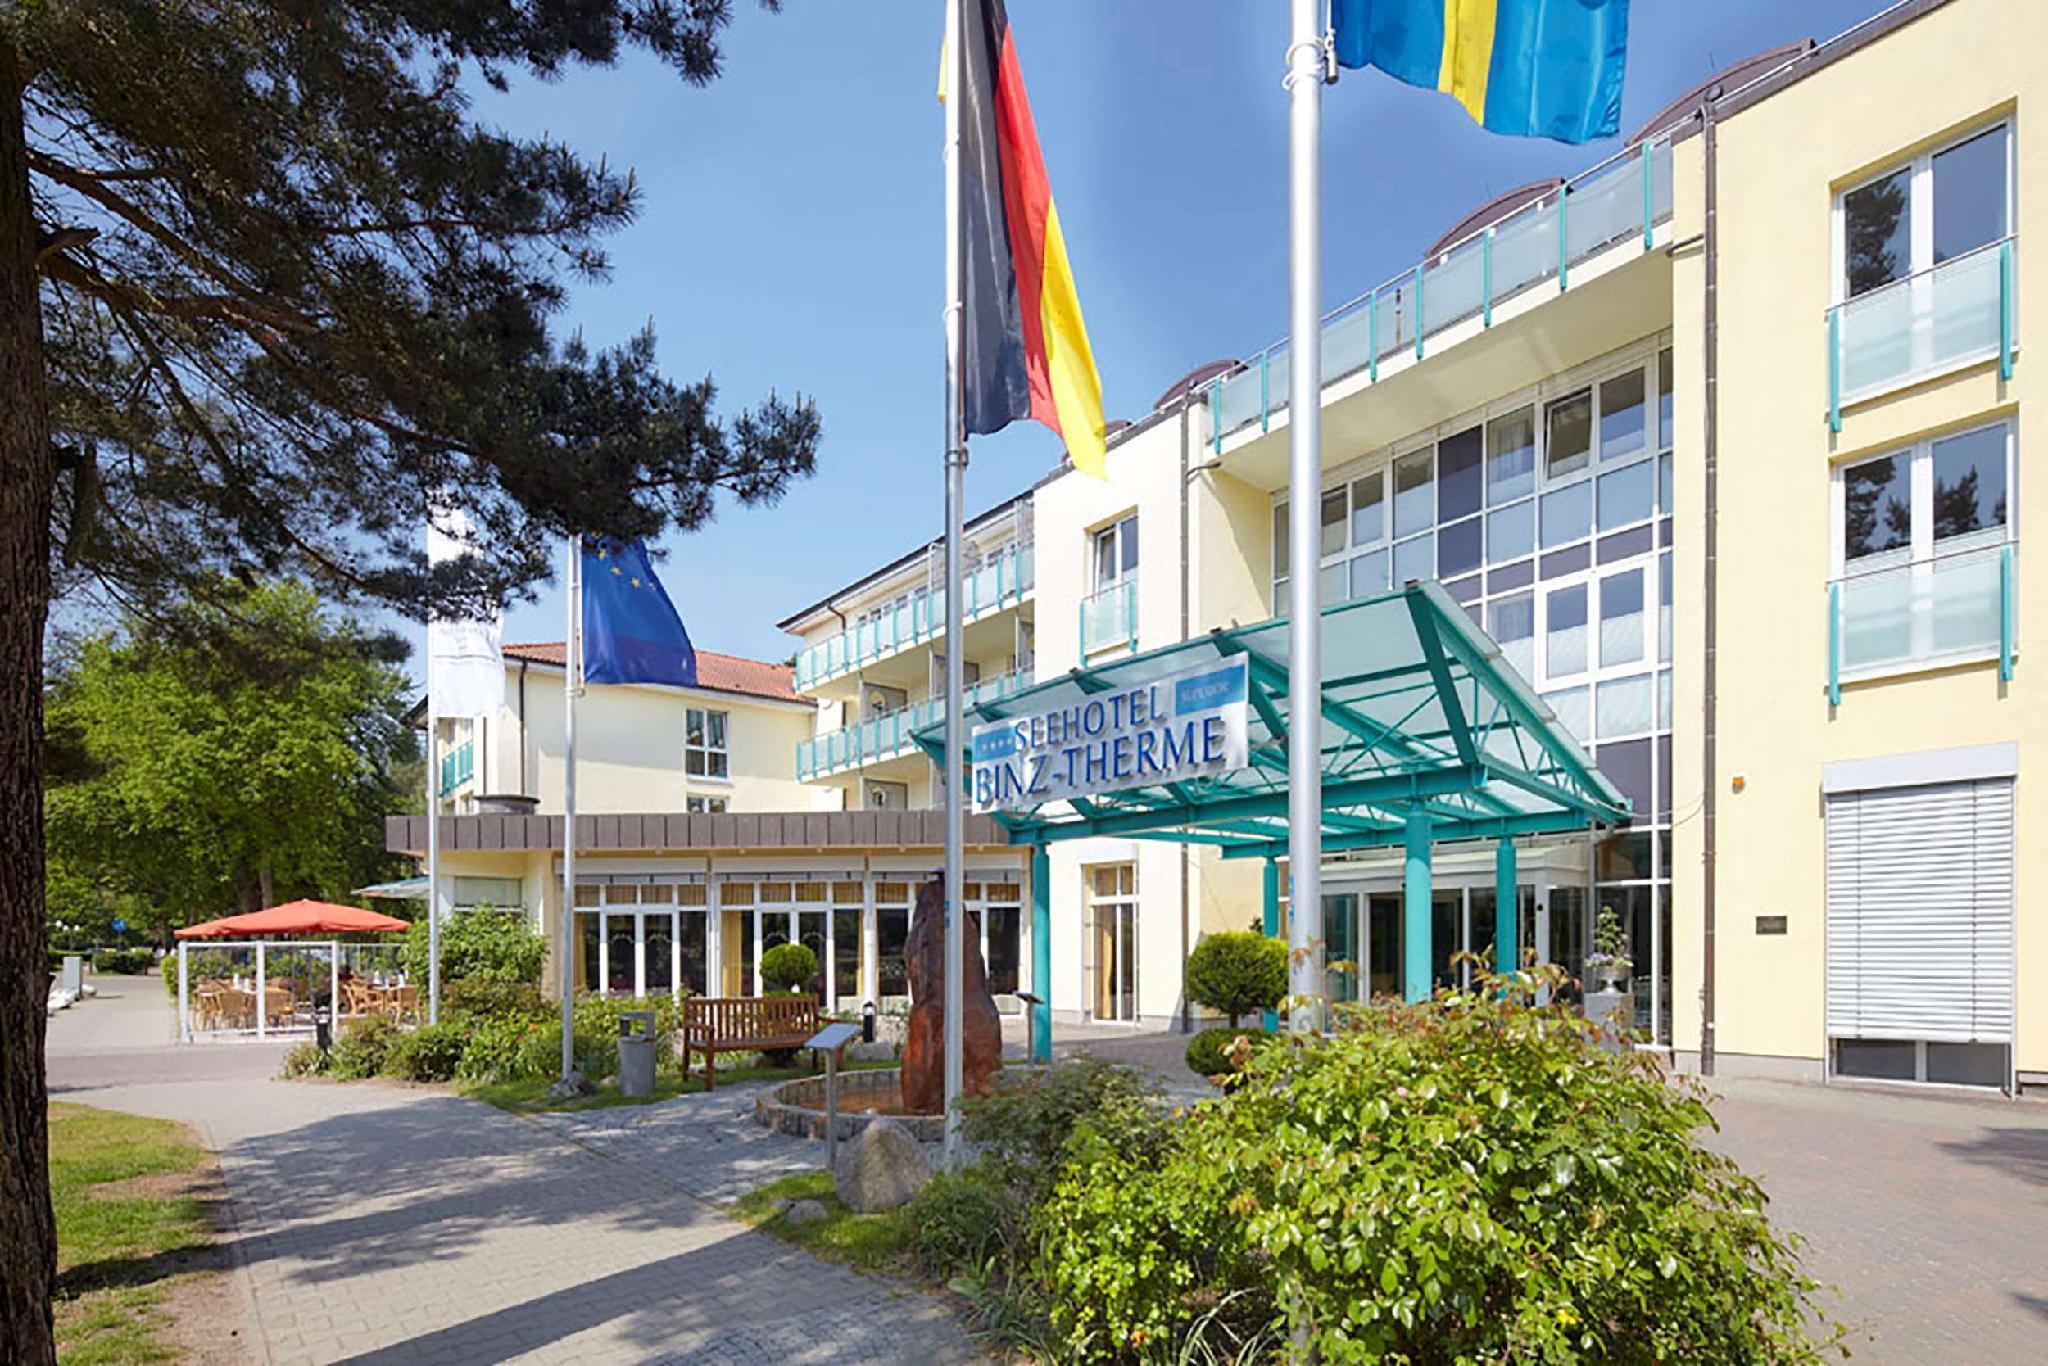 Dorint Seehotel Binz Therme